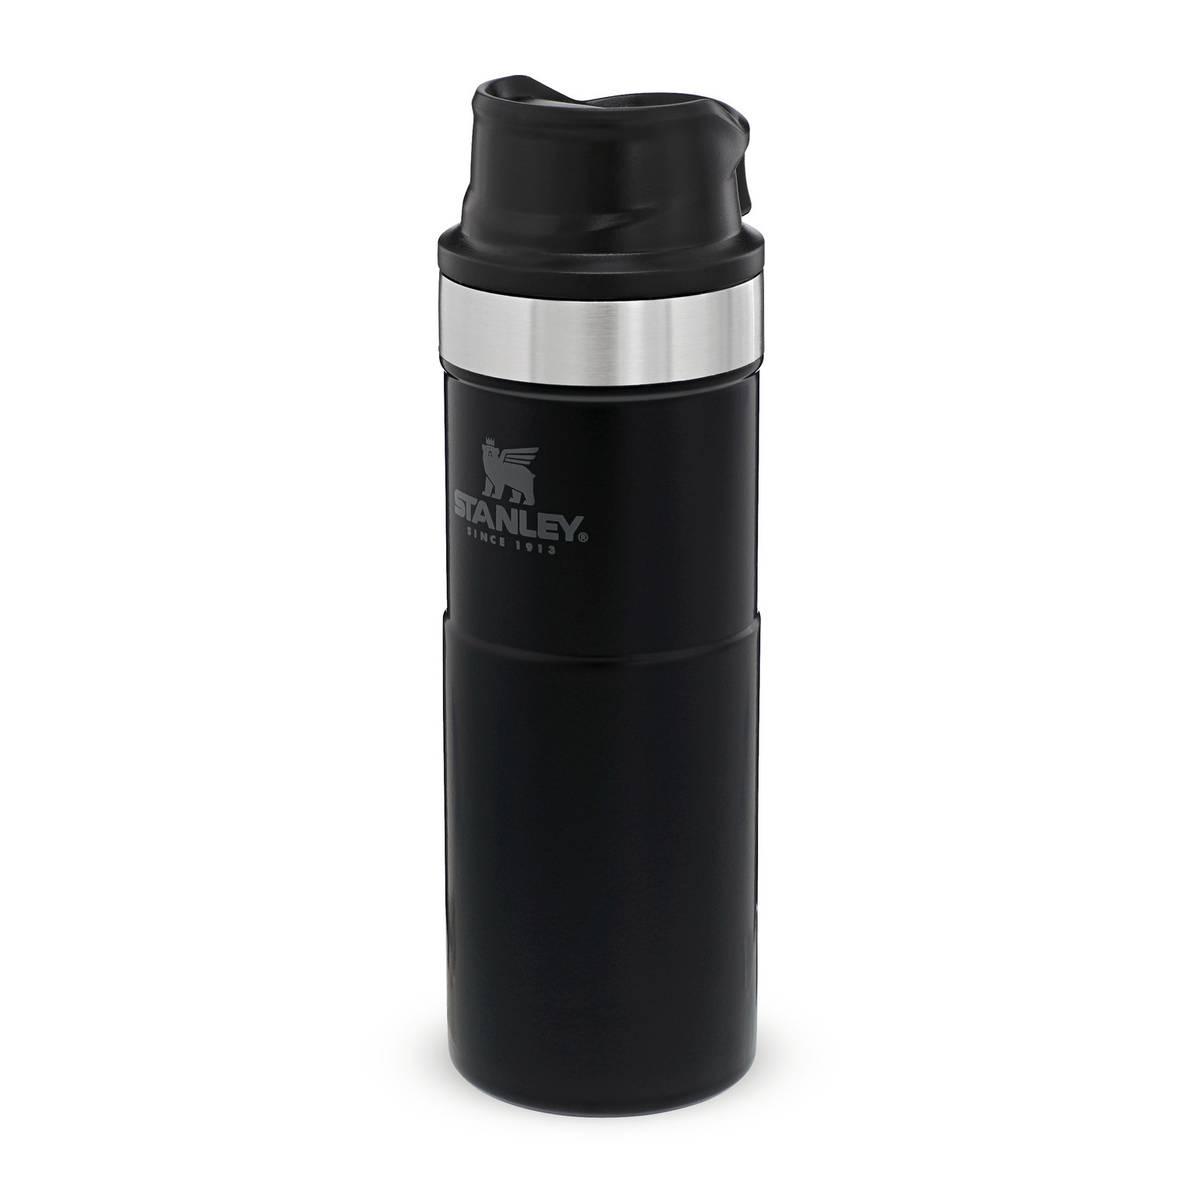 Stanley Termokopp Trigger Action Mug Matte Black 0.47 L